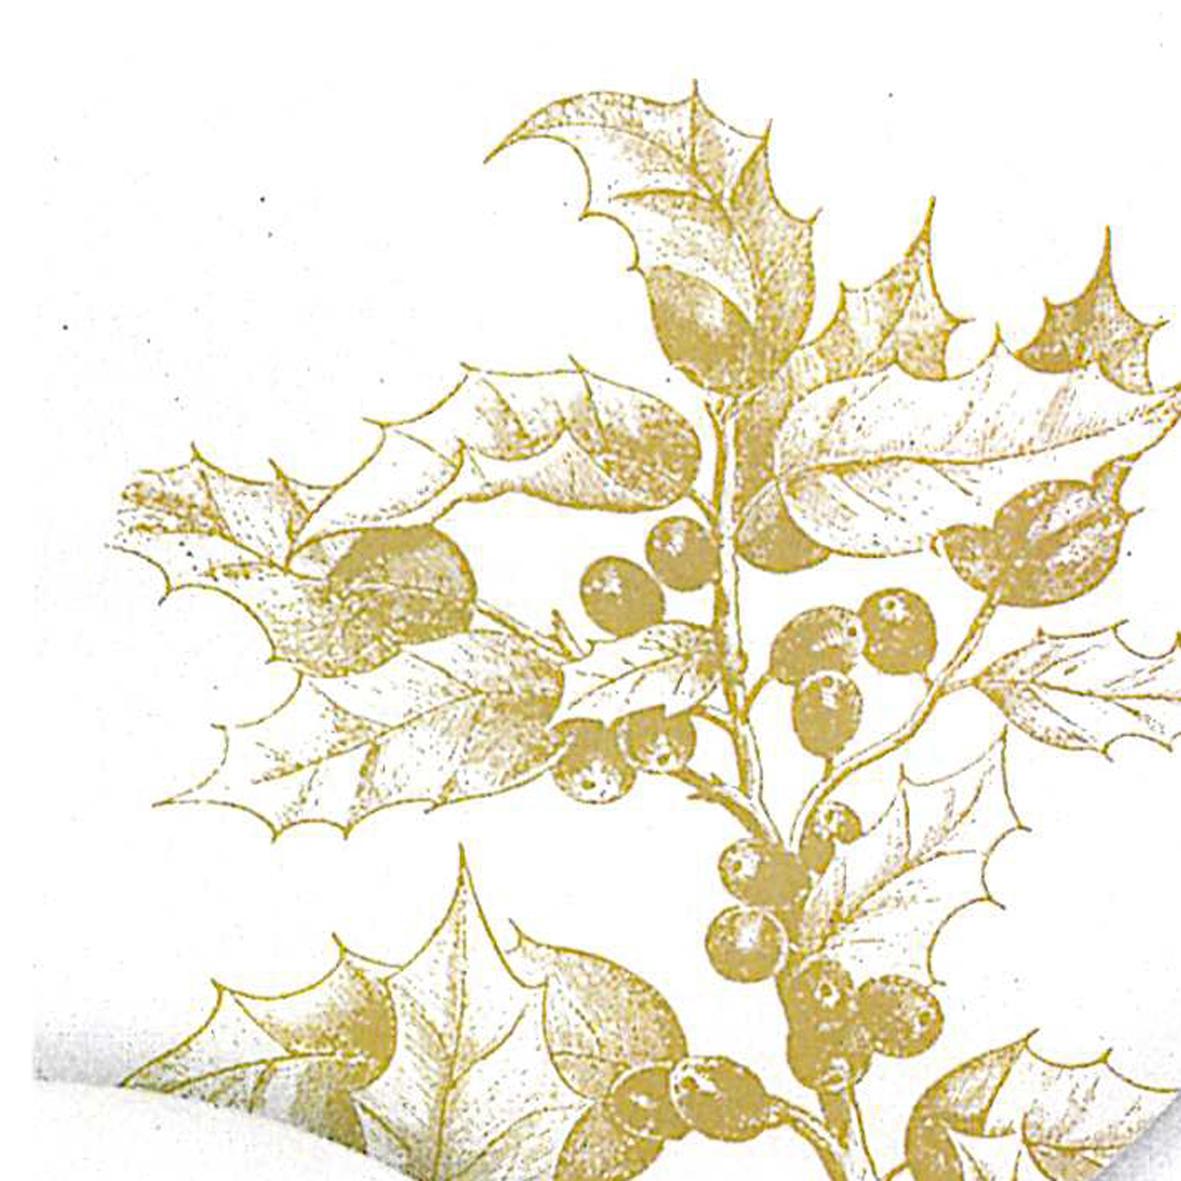 Lunch Servietten Engraved Flora,  Pflanzen - Ilex,  Weihnachten,  lunchservietten,  Ilex